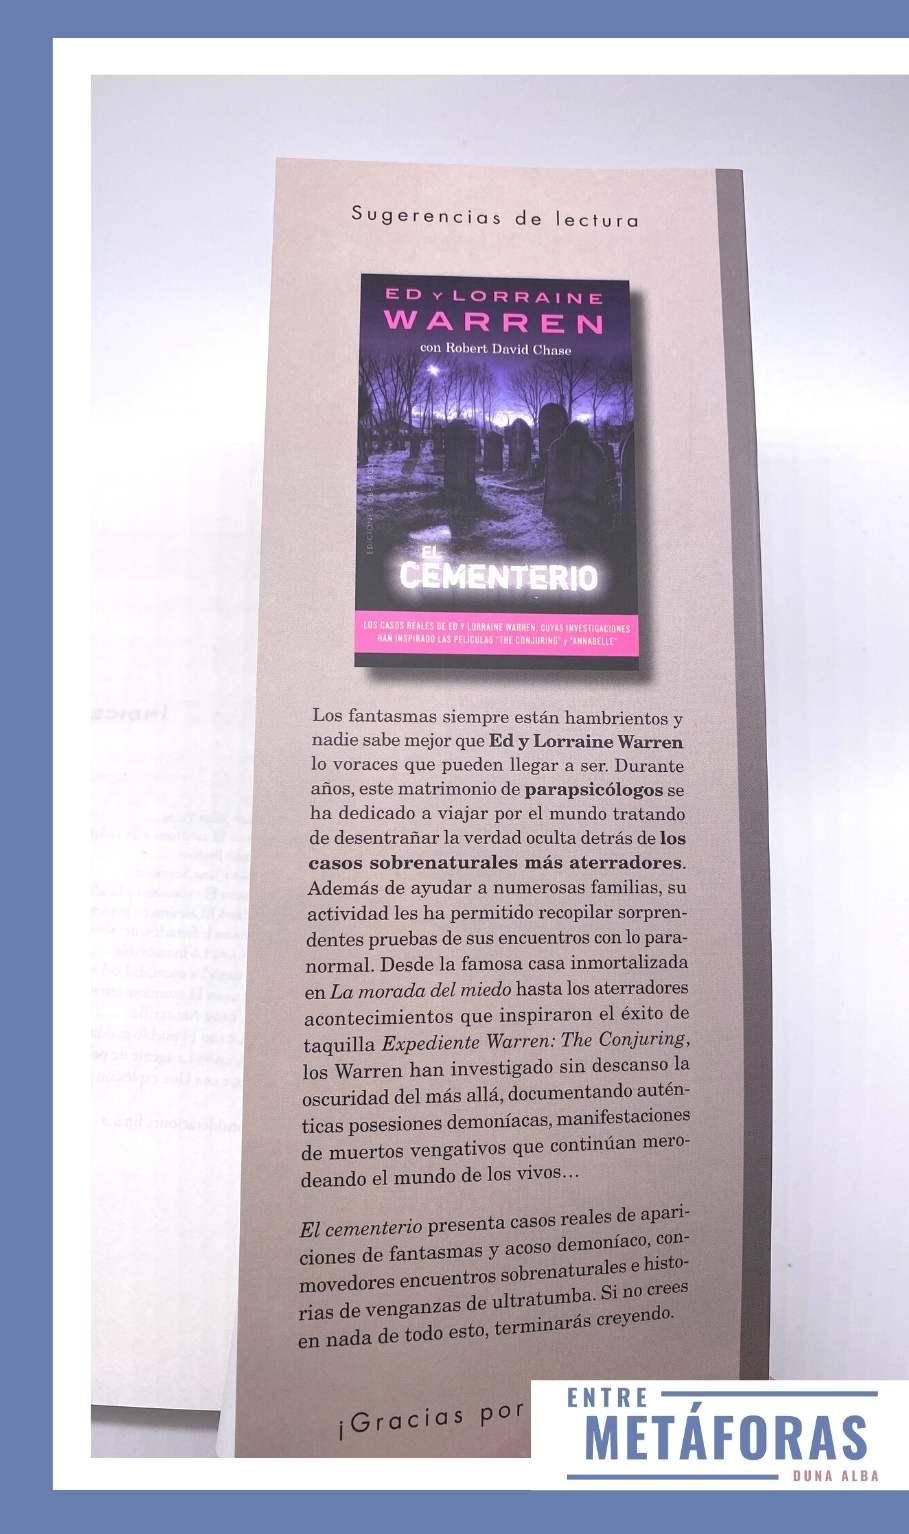 Cazadores de fantasmas, de Robert David Chase, Ed y Lorraine Warren